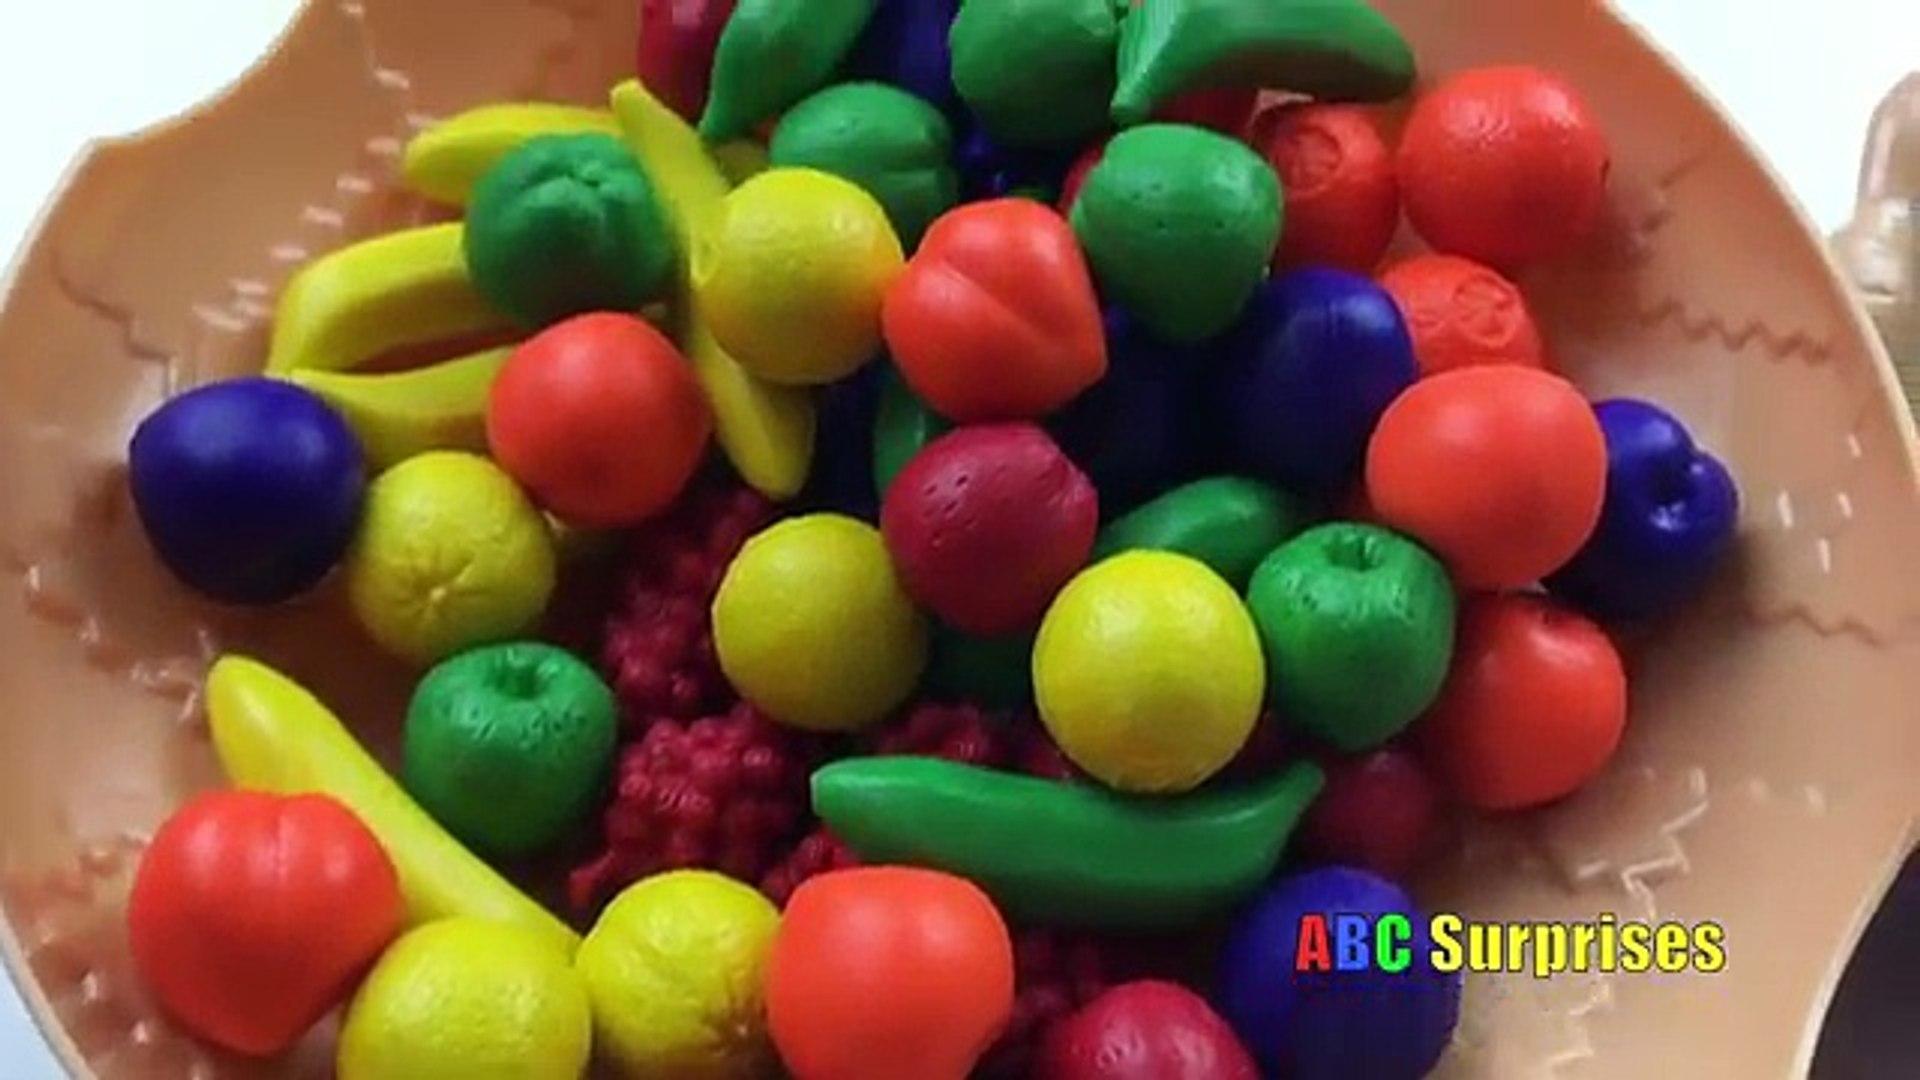 Аб От и количество съедает продукты для фрукты как Дети Дети ... Узнайте чисел домашнее животное аку